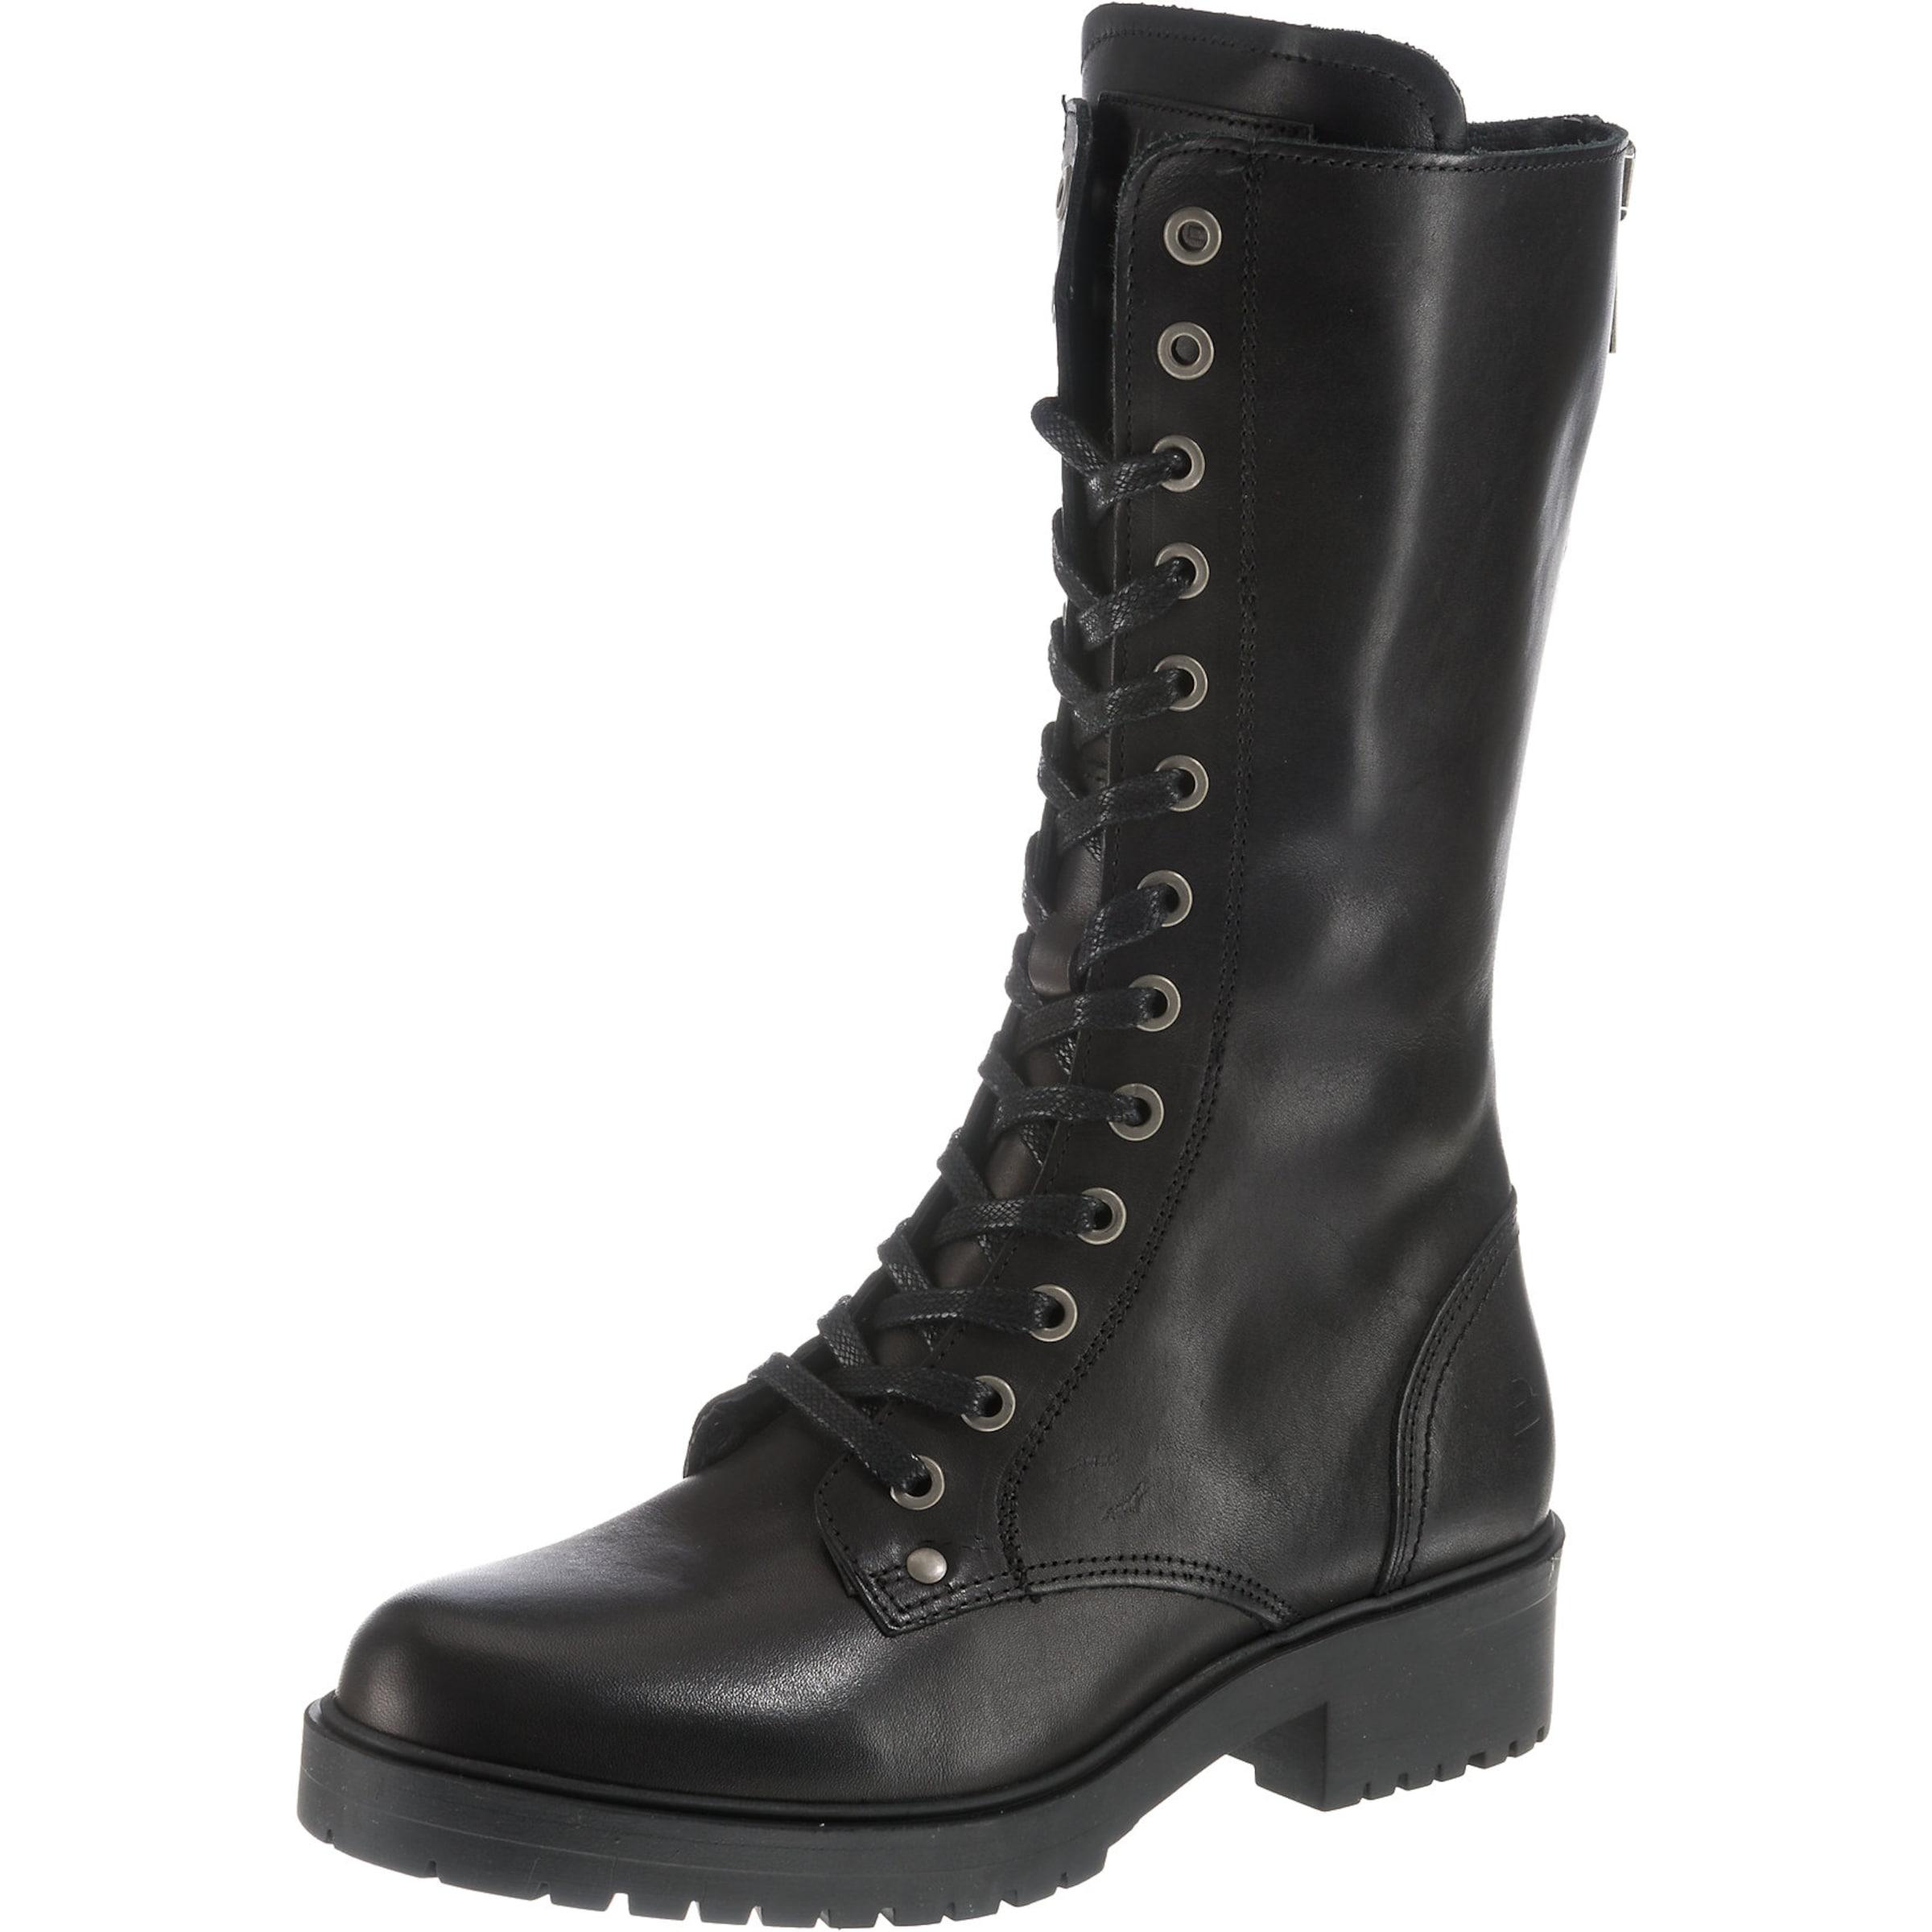 BULLBOXER Schnürstiefel Günstige und langlebige Schuhe